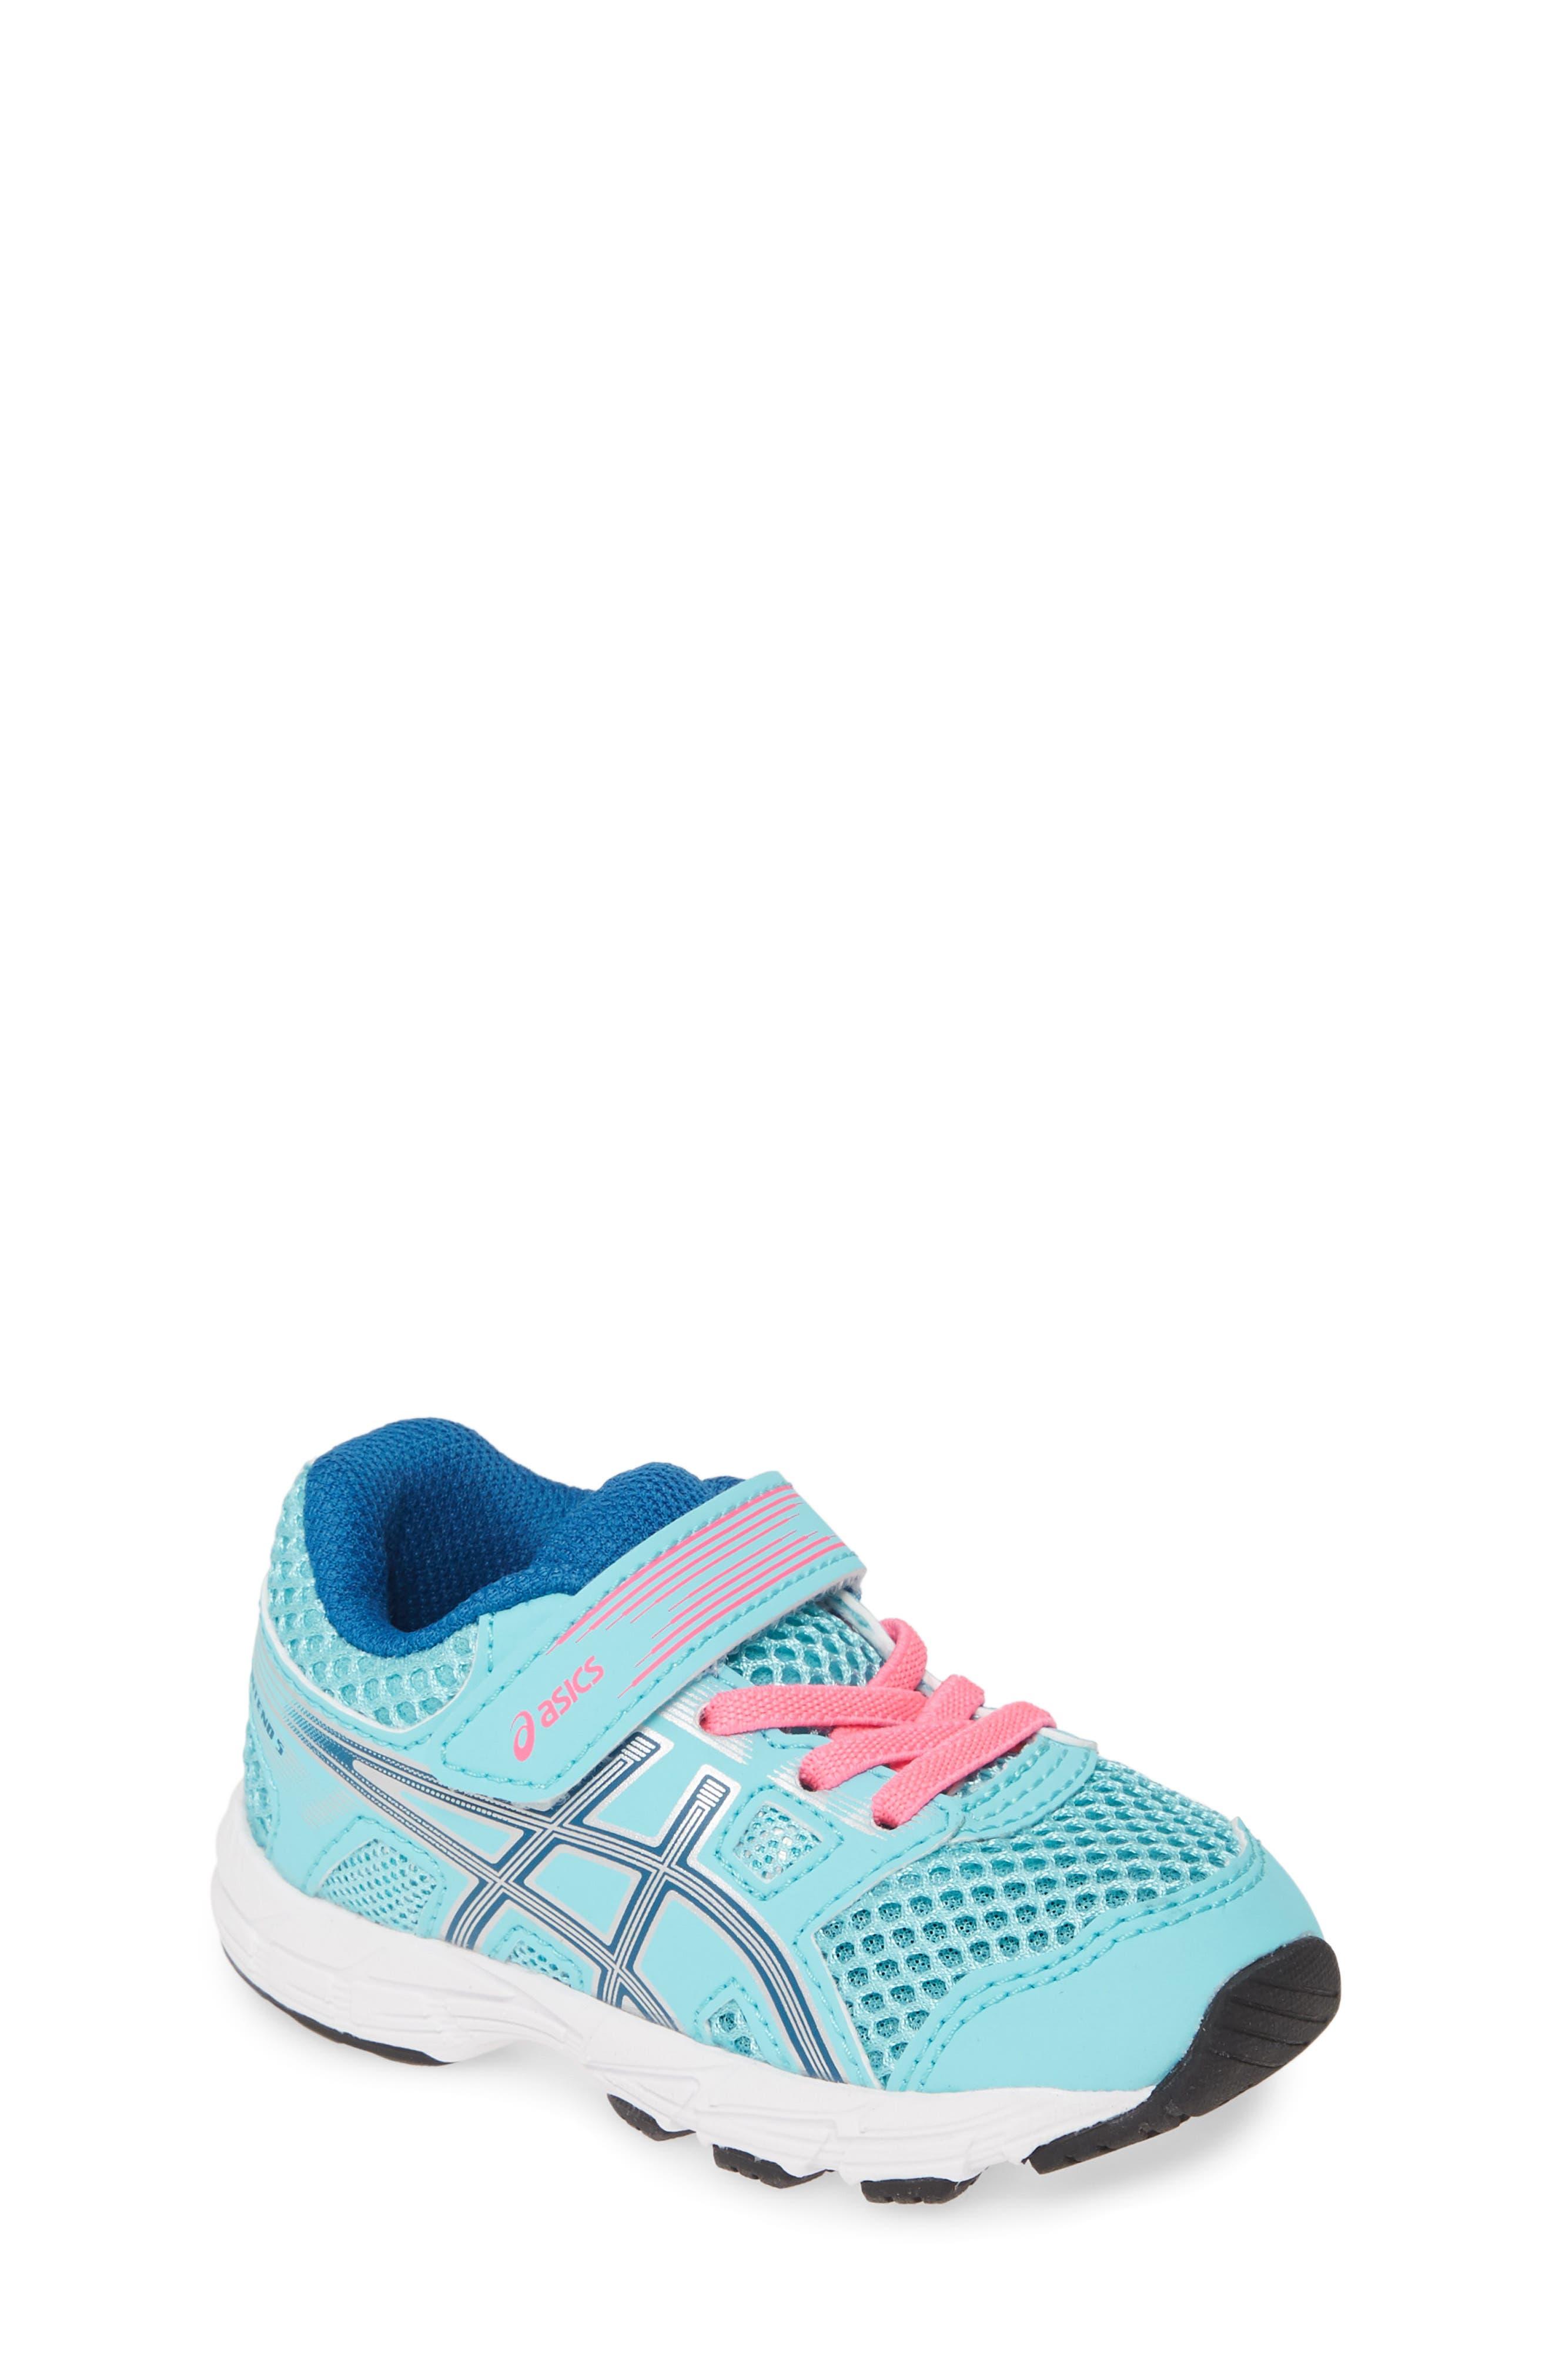 Toddler Boys Asics GelContend 5 Ts Running Sneaker Size 6 M  Bluegreen